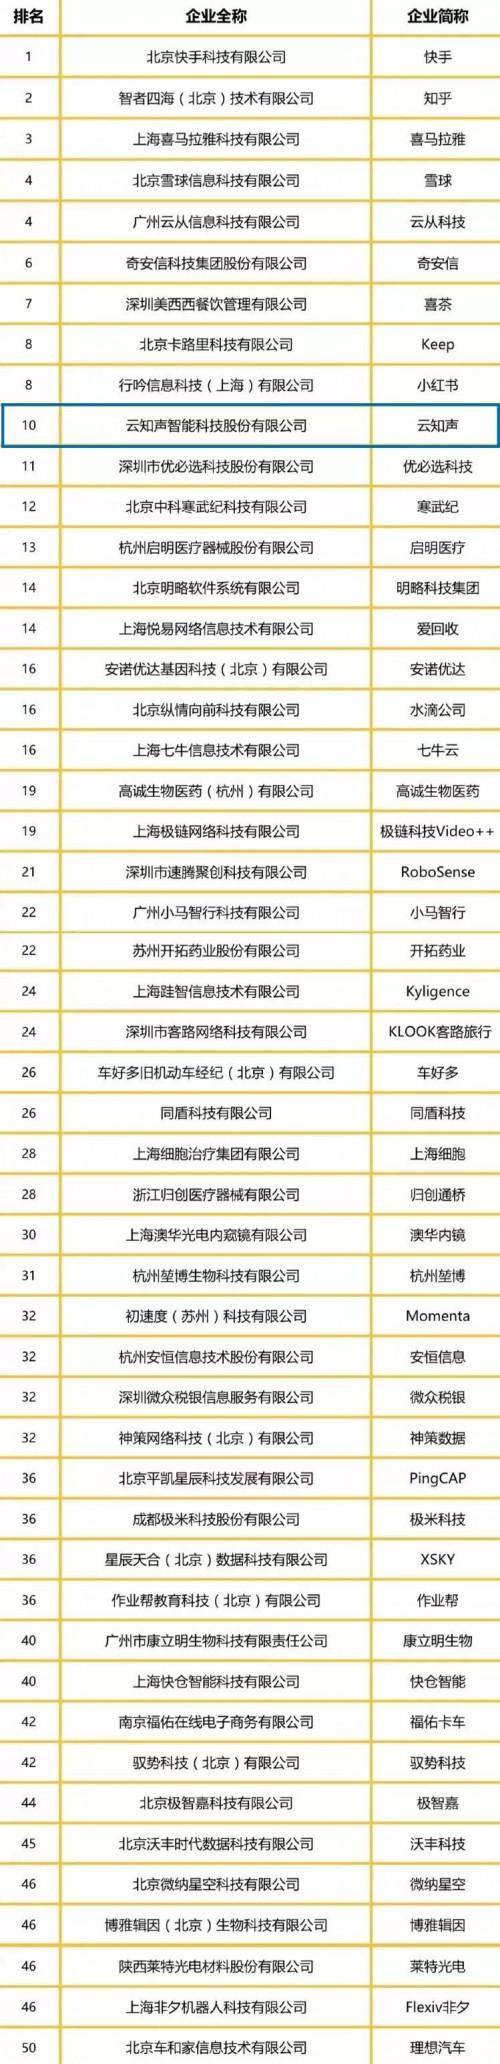 云知声荣登2019年Venture50风云榜,获评最具投资价值企业